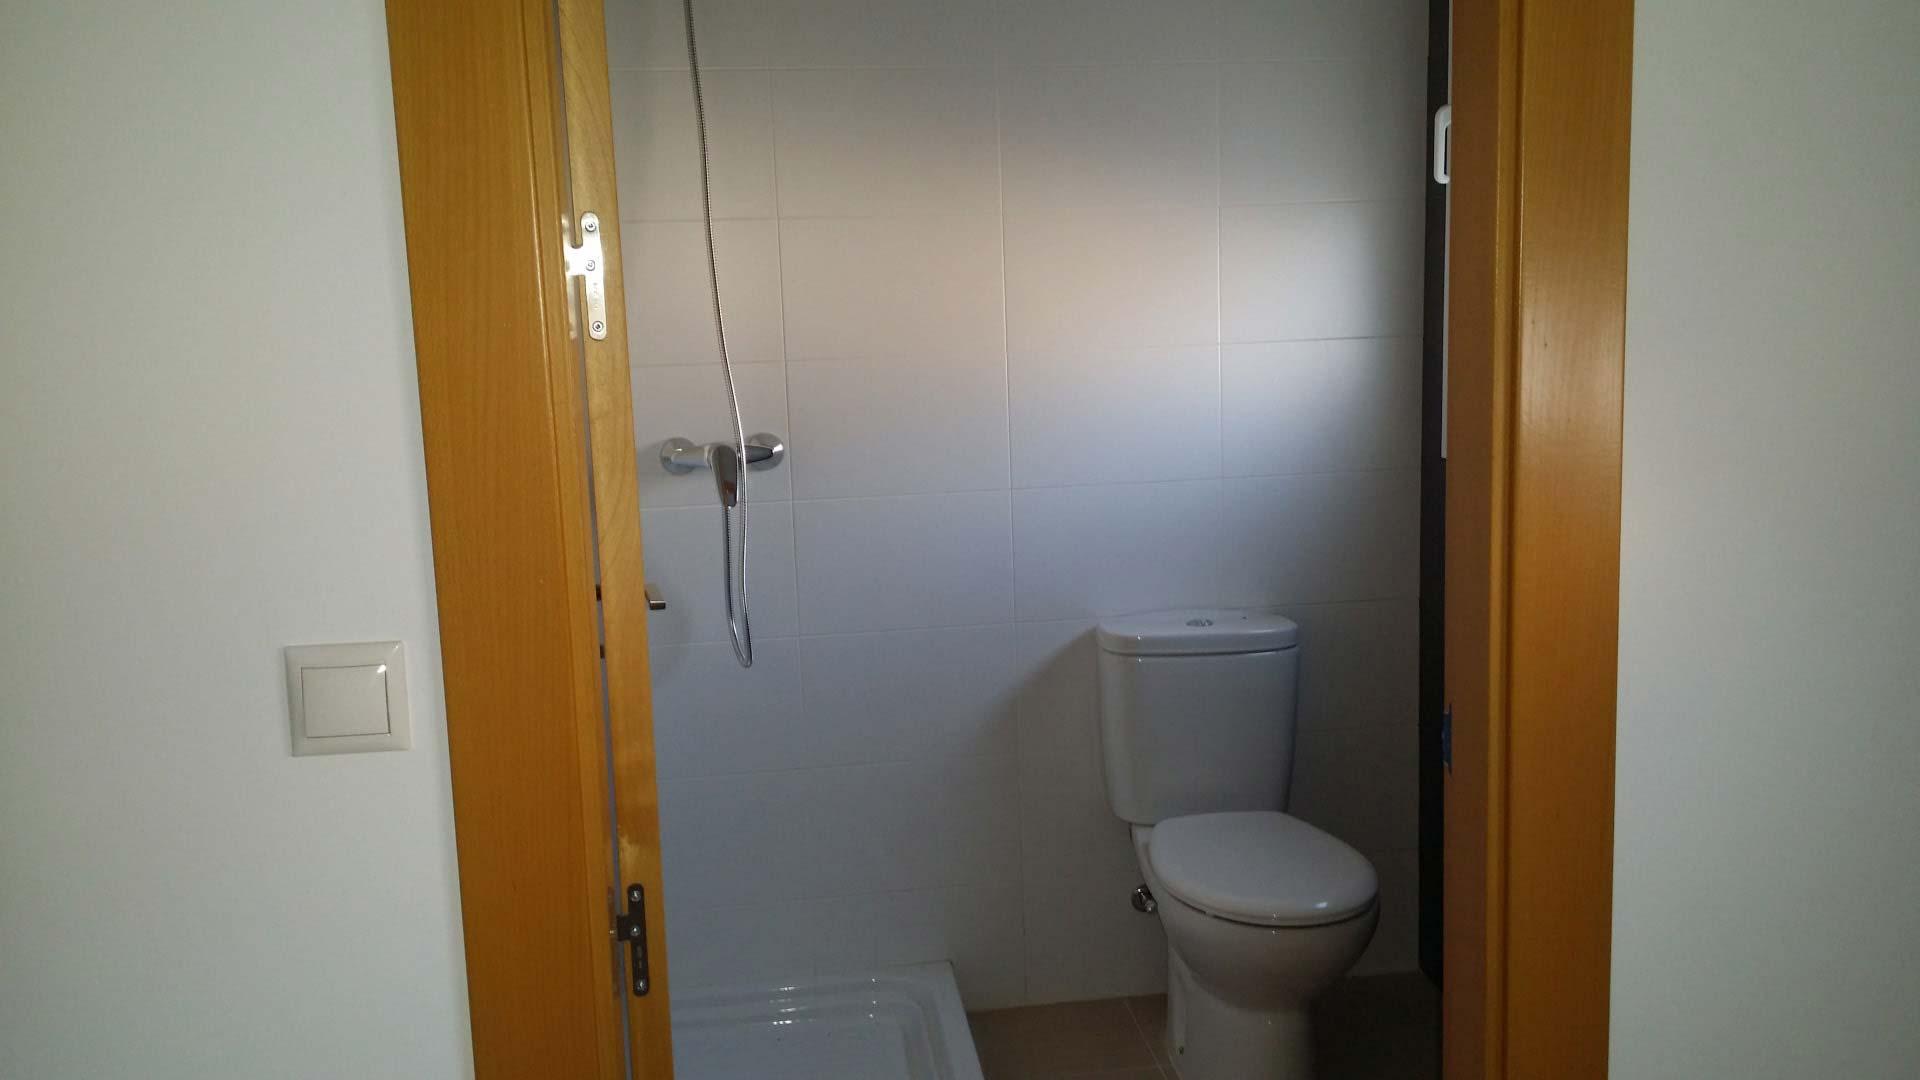 Piso en venta en Piso en Olula del Río, Almería, 67.300 €, 3 habitaciones, 1 baño, 98 m2